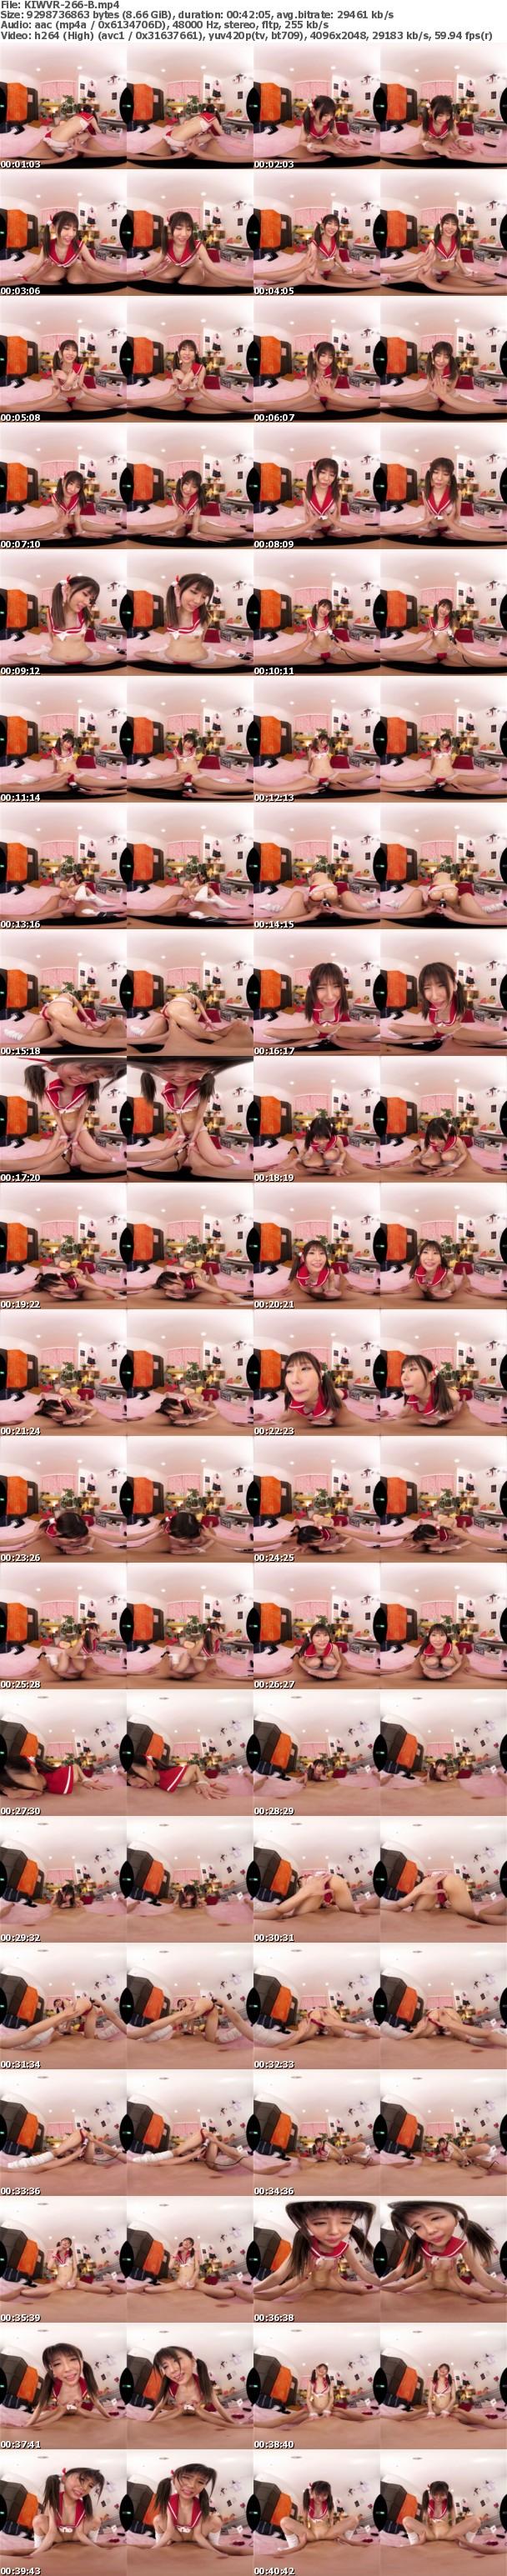 (VR) KIWVR-266 【お触り禁止!本番禁止!】J○リフレ店で新人女子○生を媚薬で強●発情!イってる最中の【敏感早漏マ○コ】を猛追ピストン絶頂しまくり【キメパコ中出し】 橘ひなの